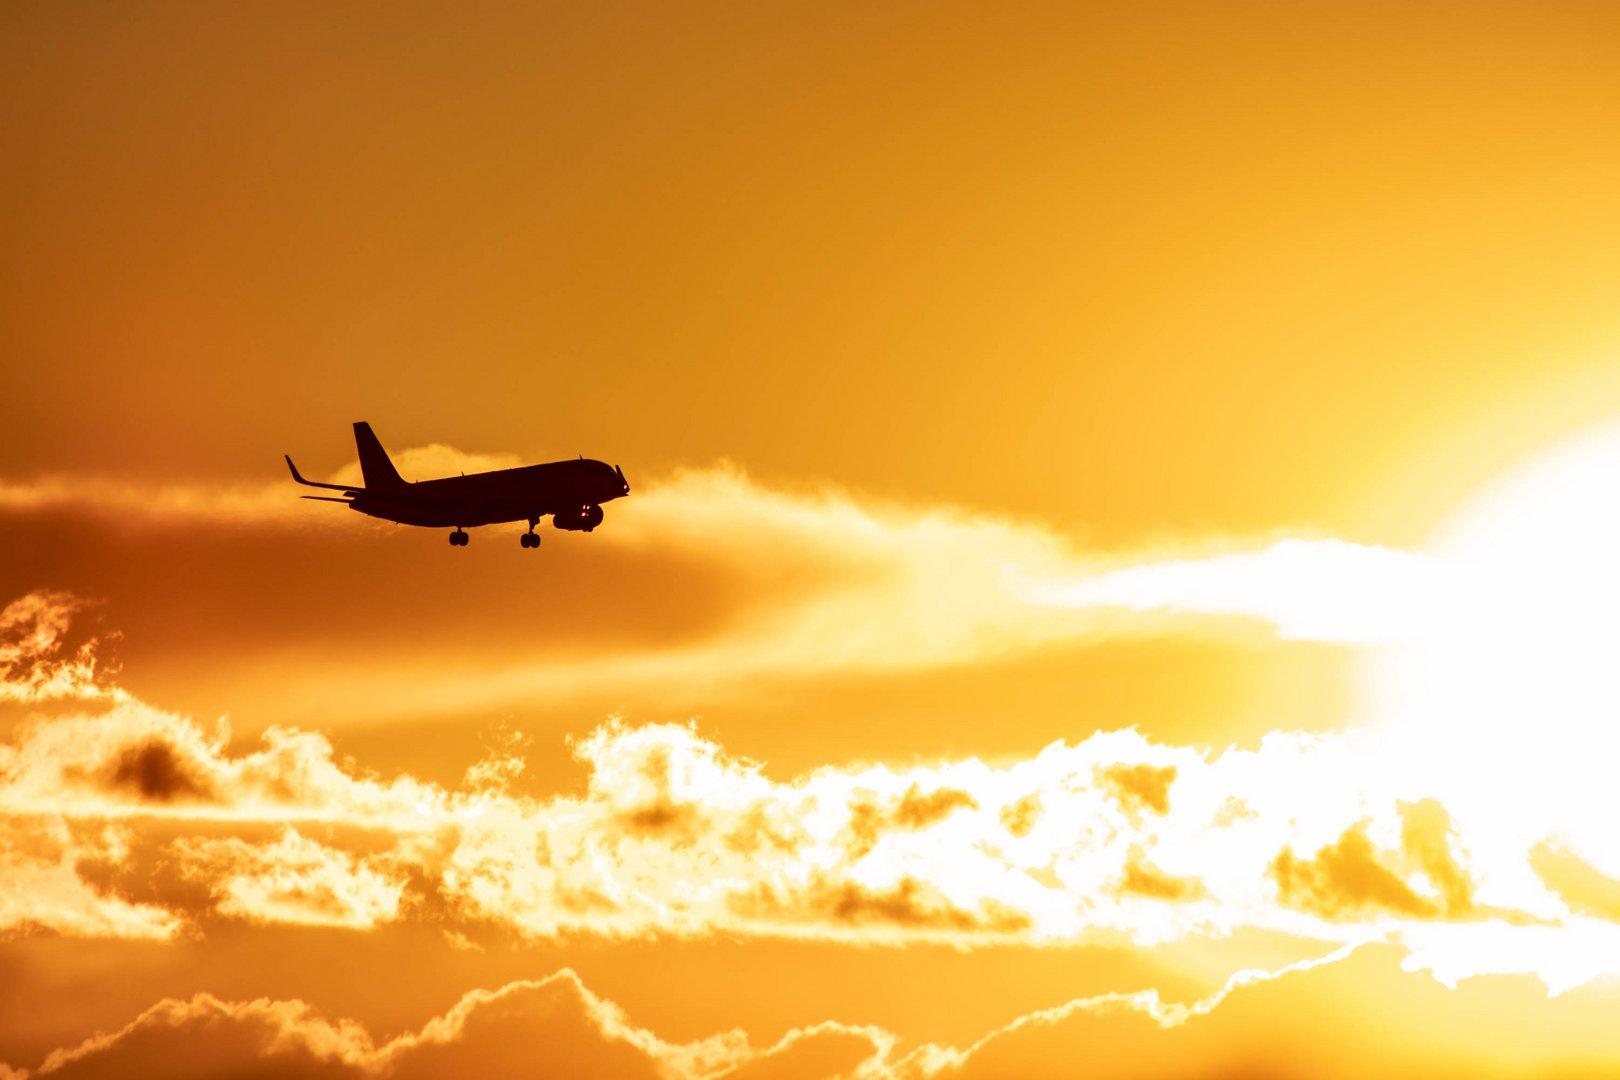 Amanecer del avión